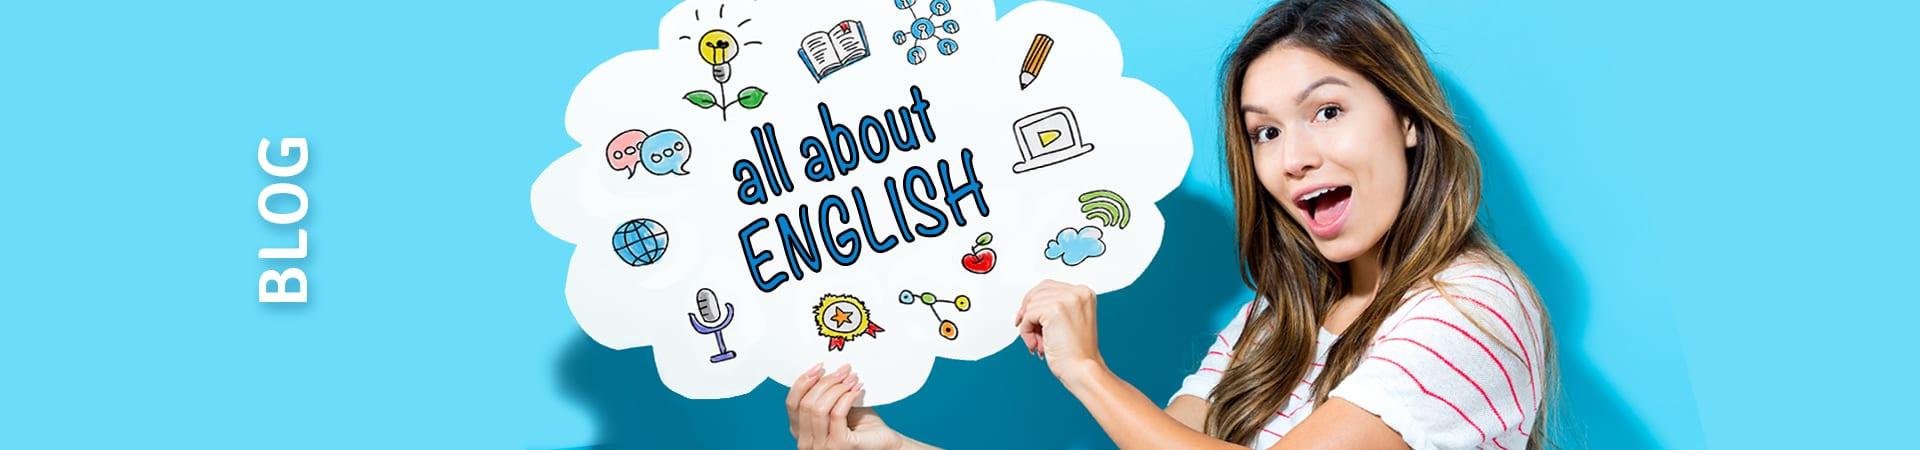 Blog - Todo sobre Inglés